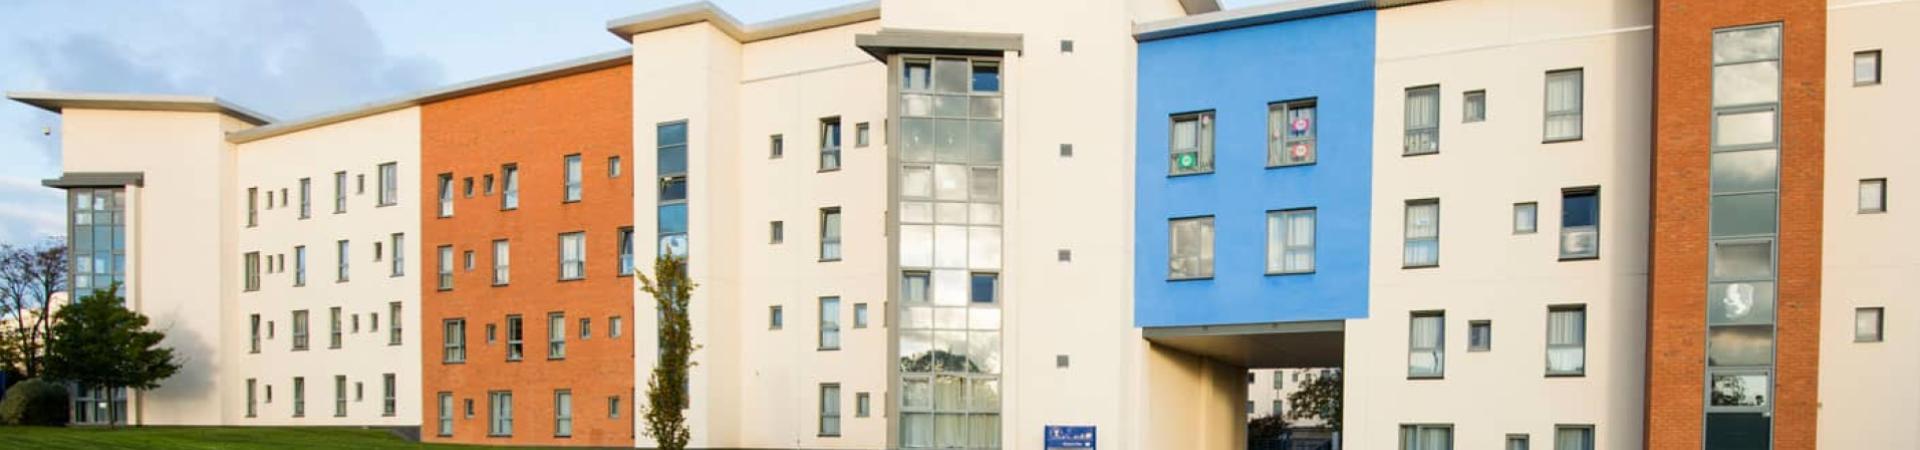 external banner of Belmont and Heathfield Flats, Dundee